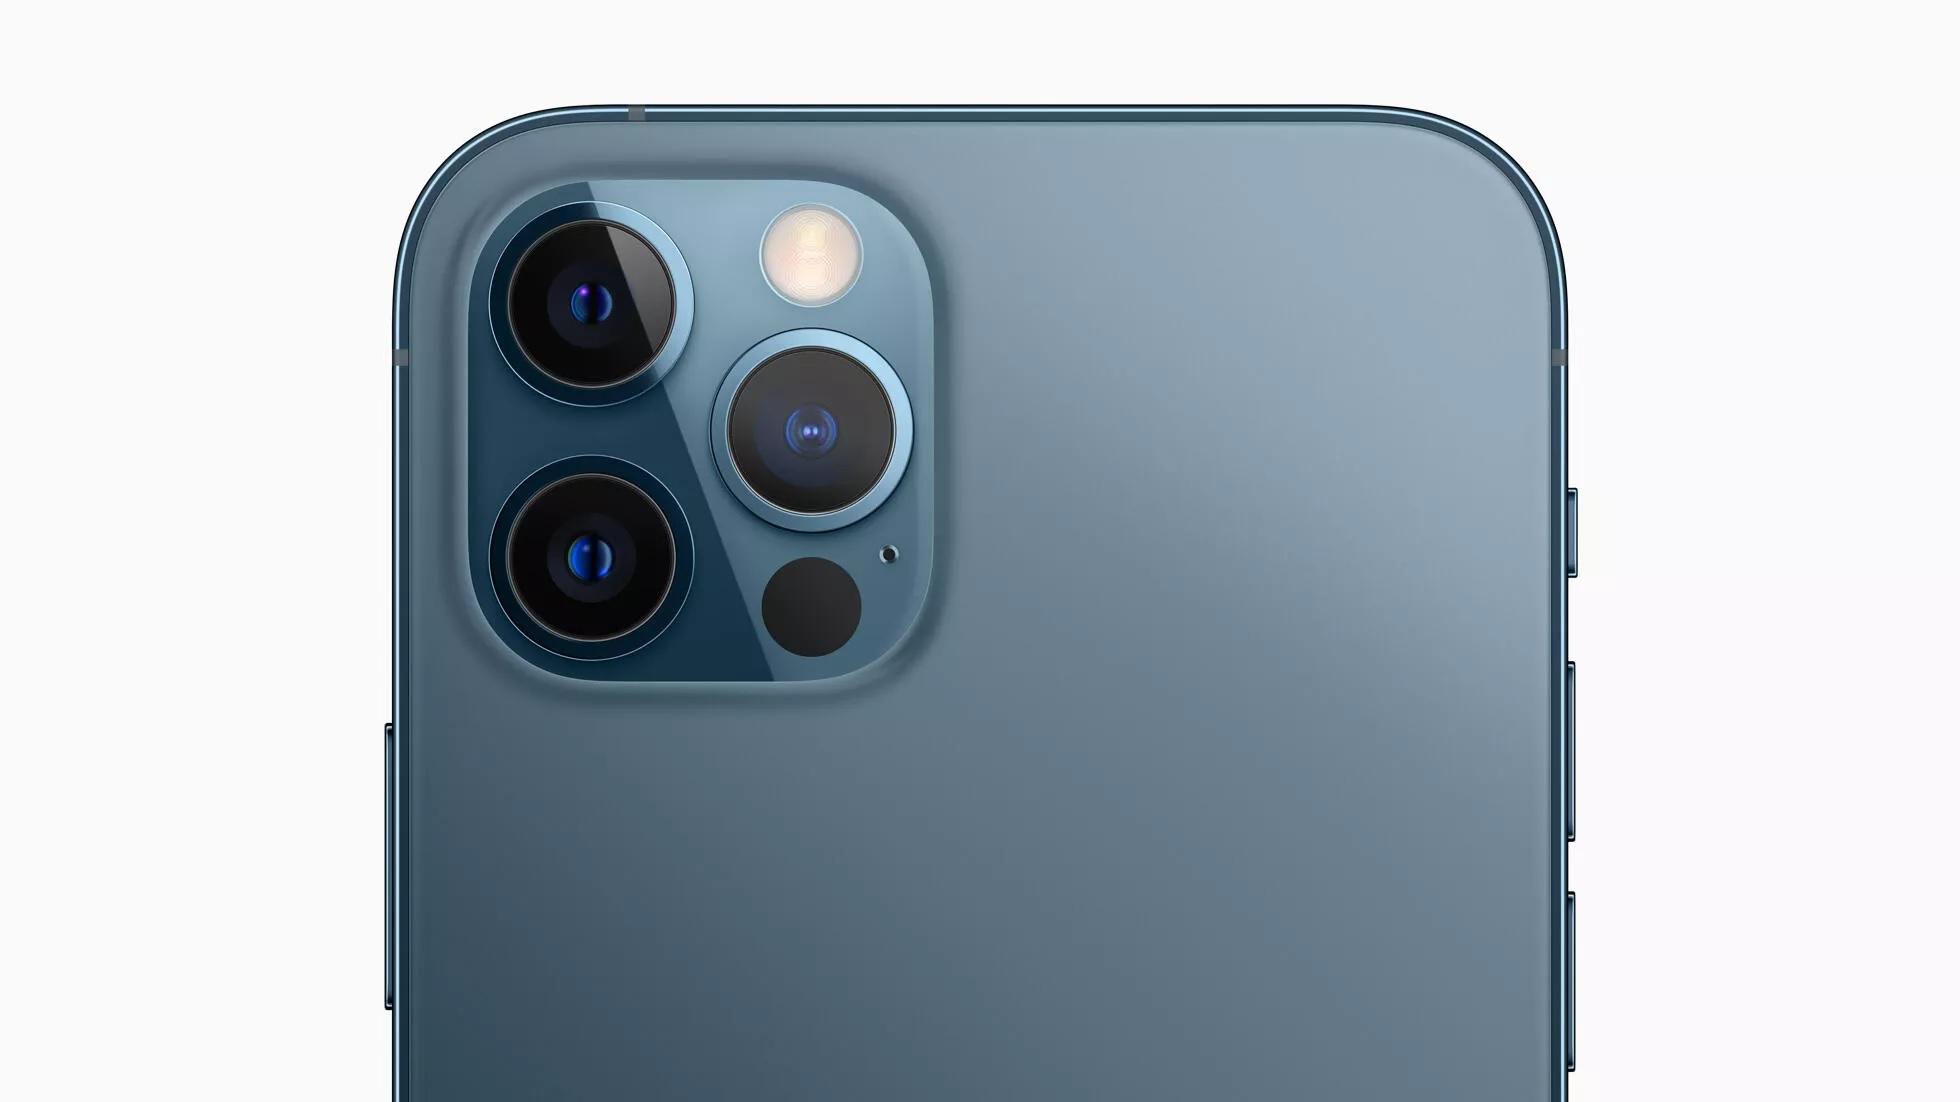 iphone lidar tarayıcısı